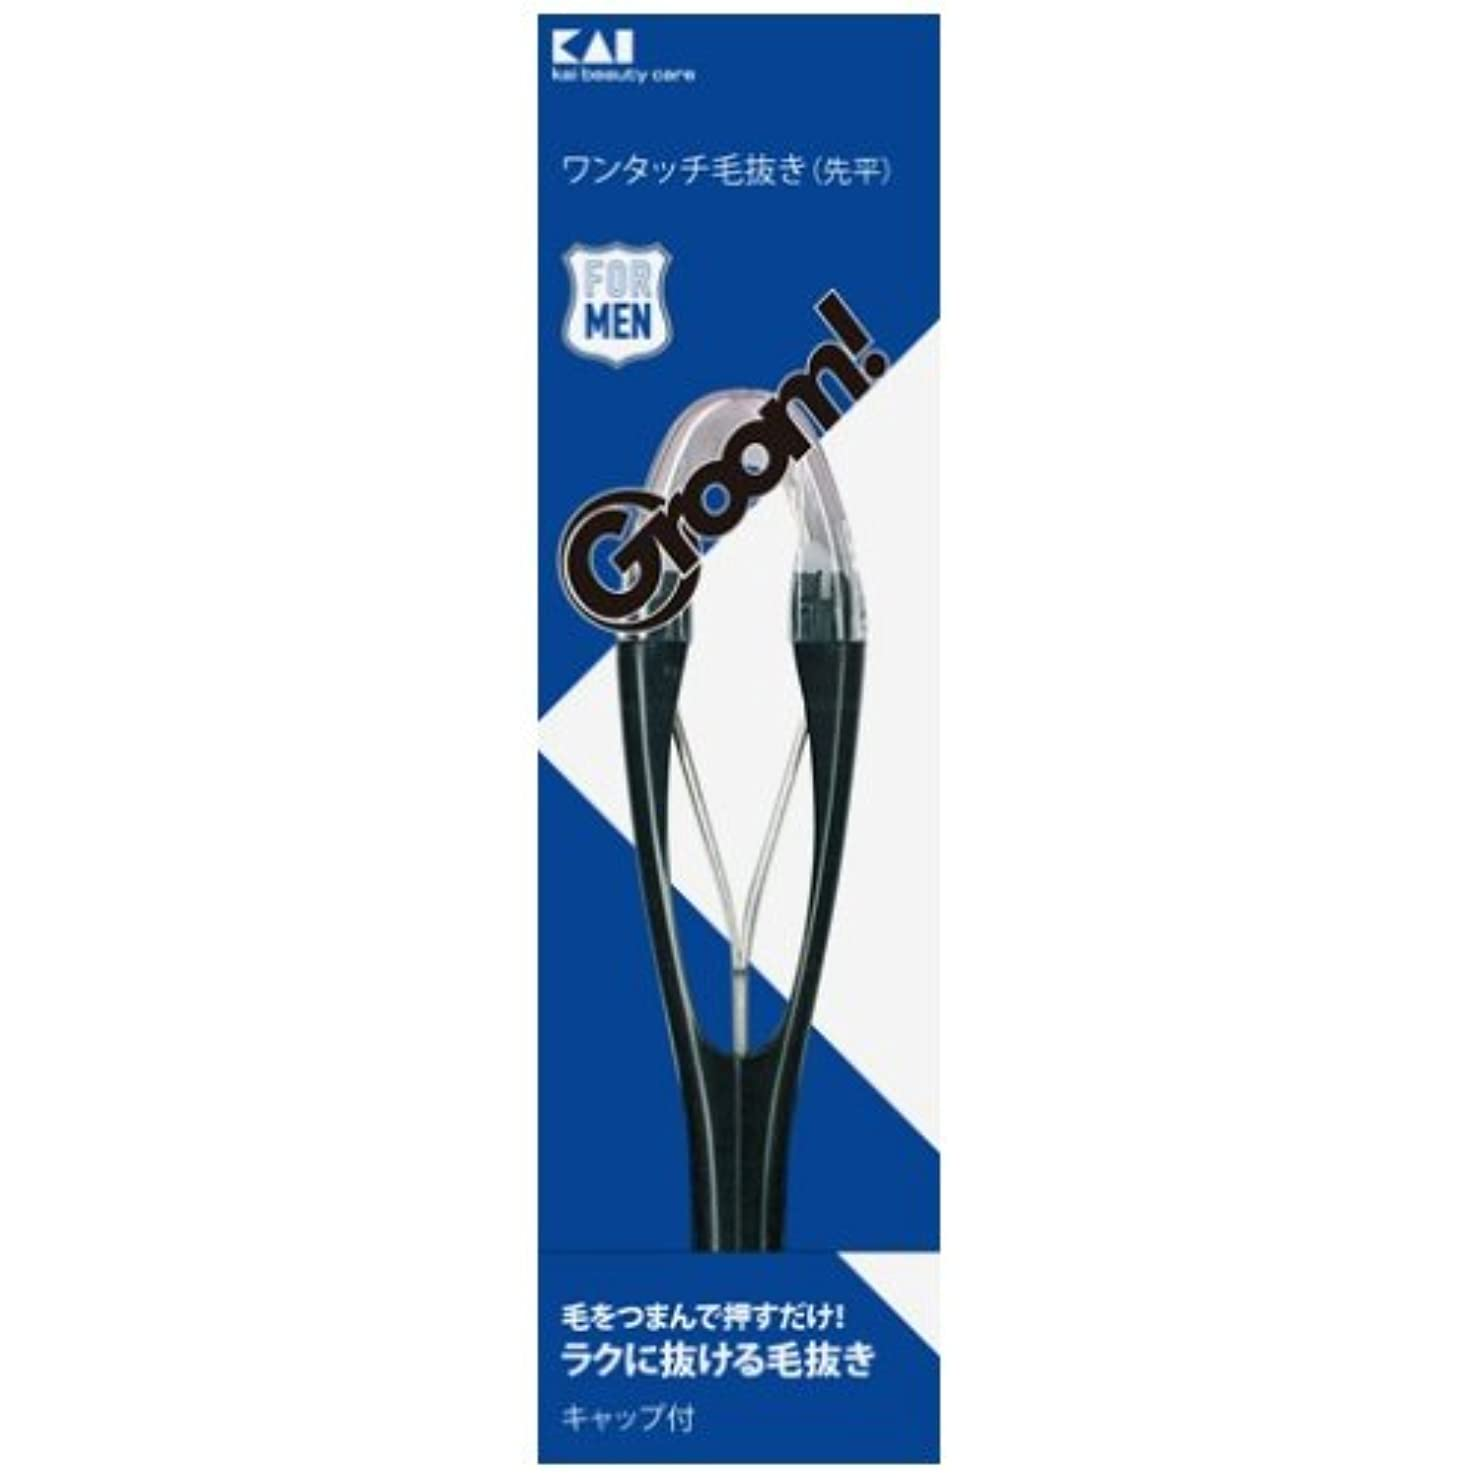 靴空気資格グルーム(Groom!) ワンタッチ毛抜き (先平 ) HC3022